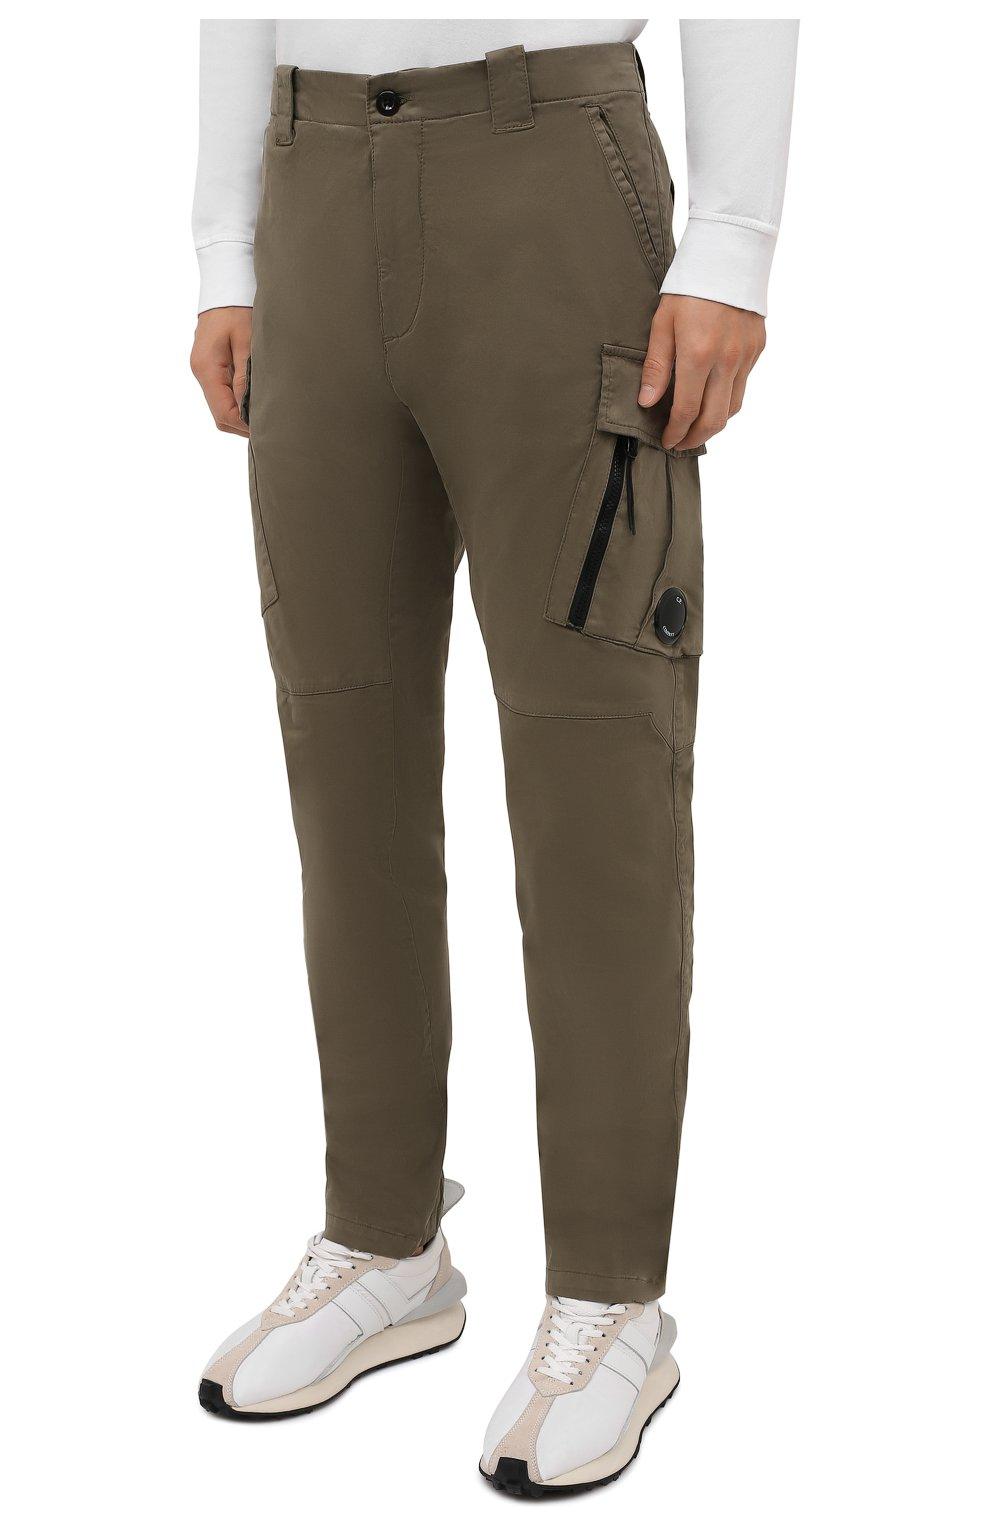 Мужские хлопковые брюки-карго C.P. COMPANY хаки цвета, арт. 11CMPA226A-005529G | Фото 3 (Силуэт М (брюки): Карго; Длина (брюки, джинсы): Стандартные; Случай: Повседневный; Стили: Милитари; Материал внешний: Хлопок)